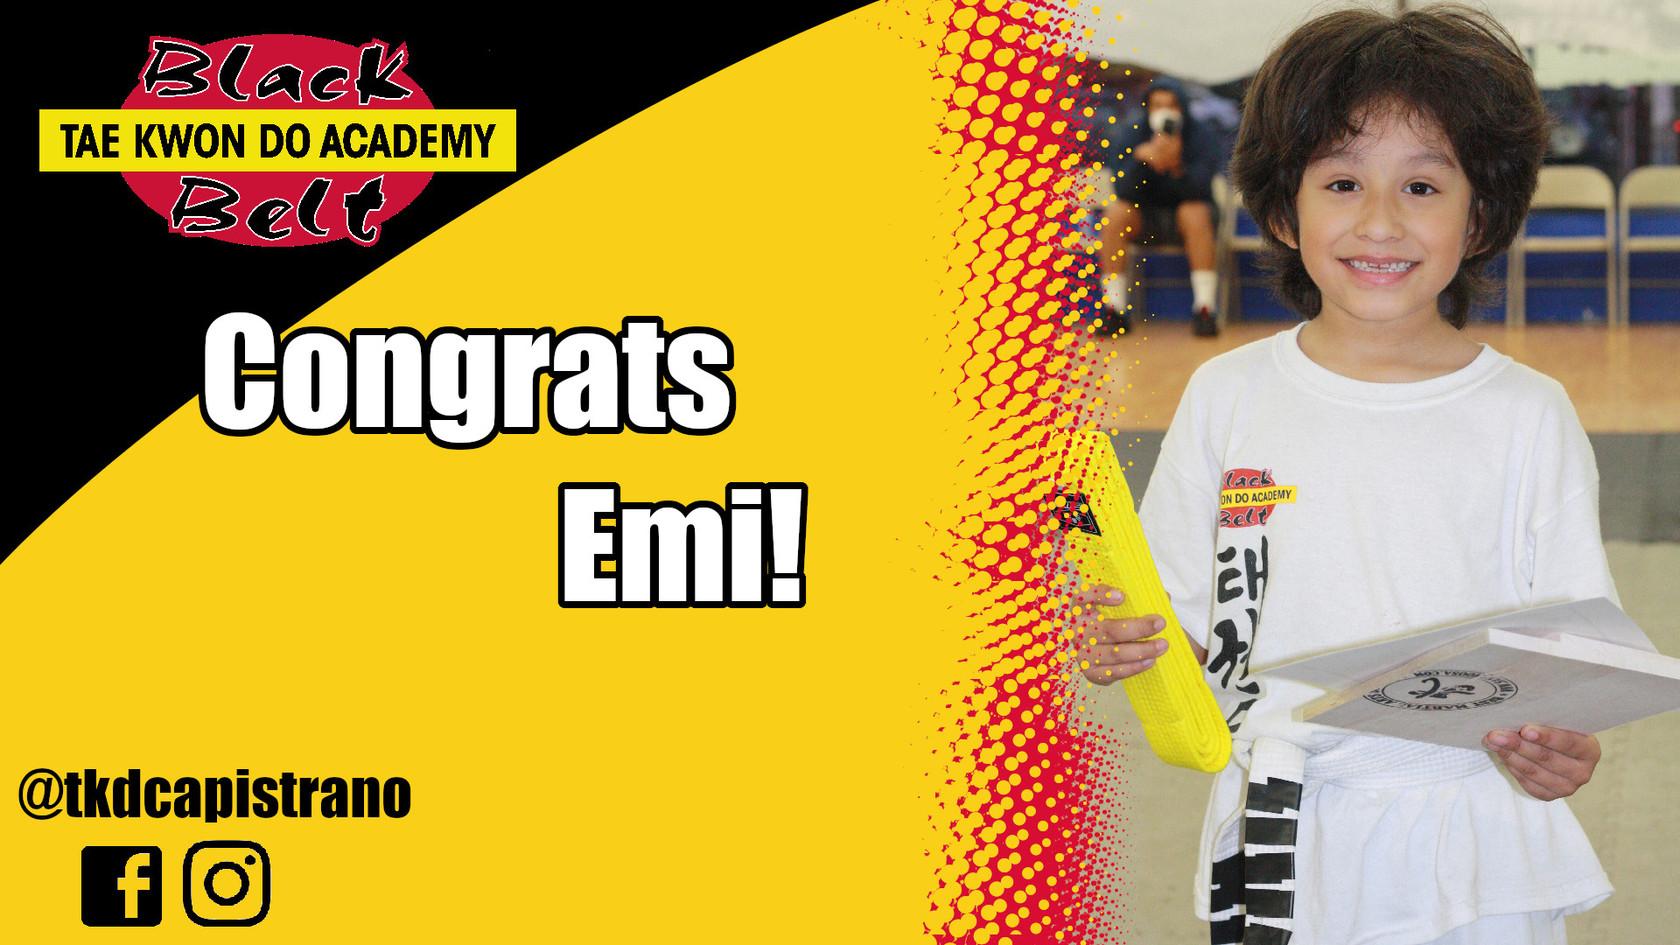 Congrats Emi